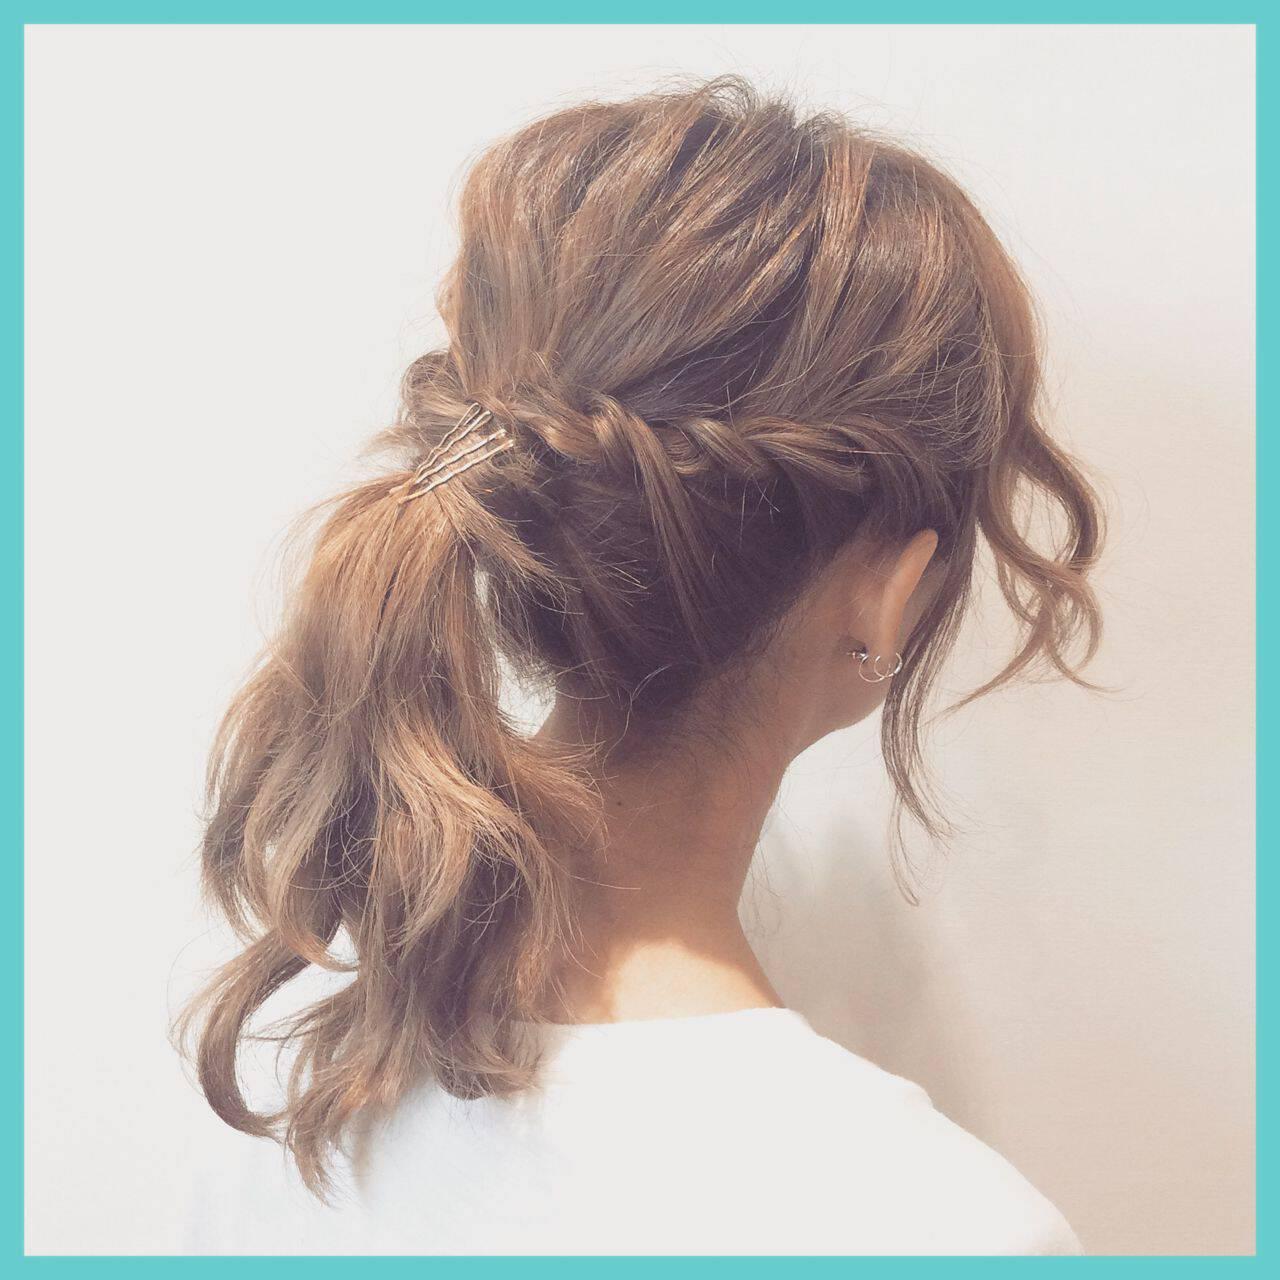 ナチュラル ポニーテール ヘアアレンジ ミディアムヘアスタイルや髪型の写真・画像